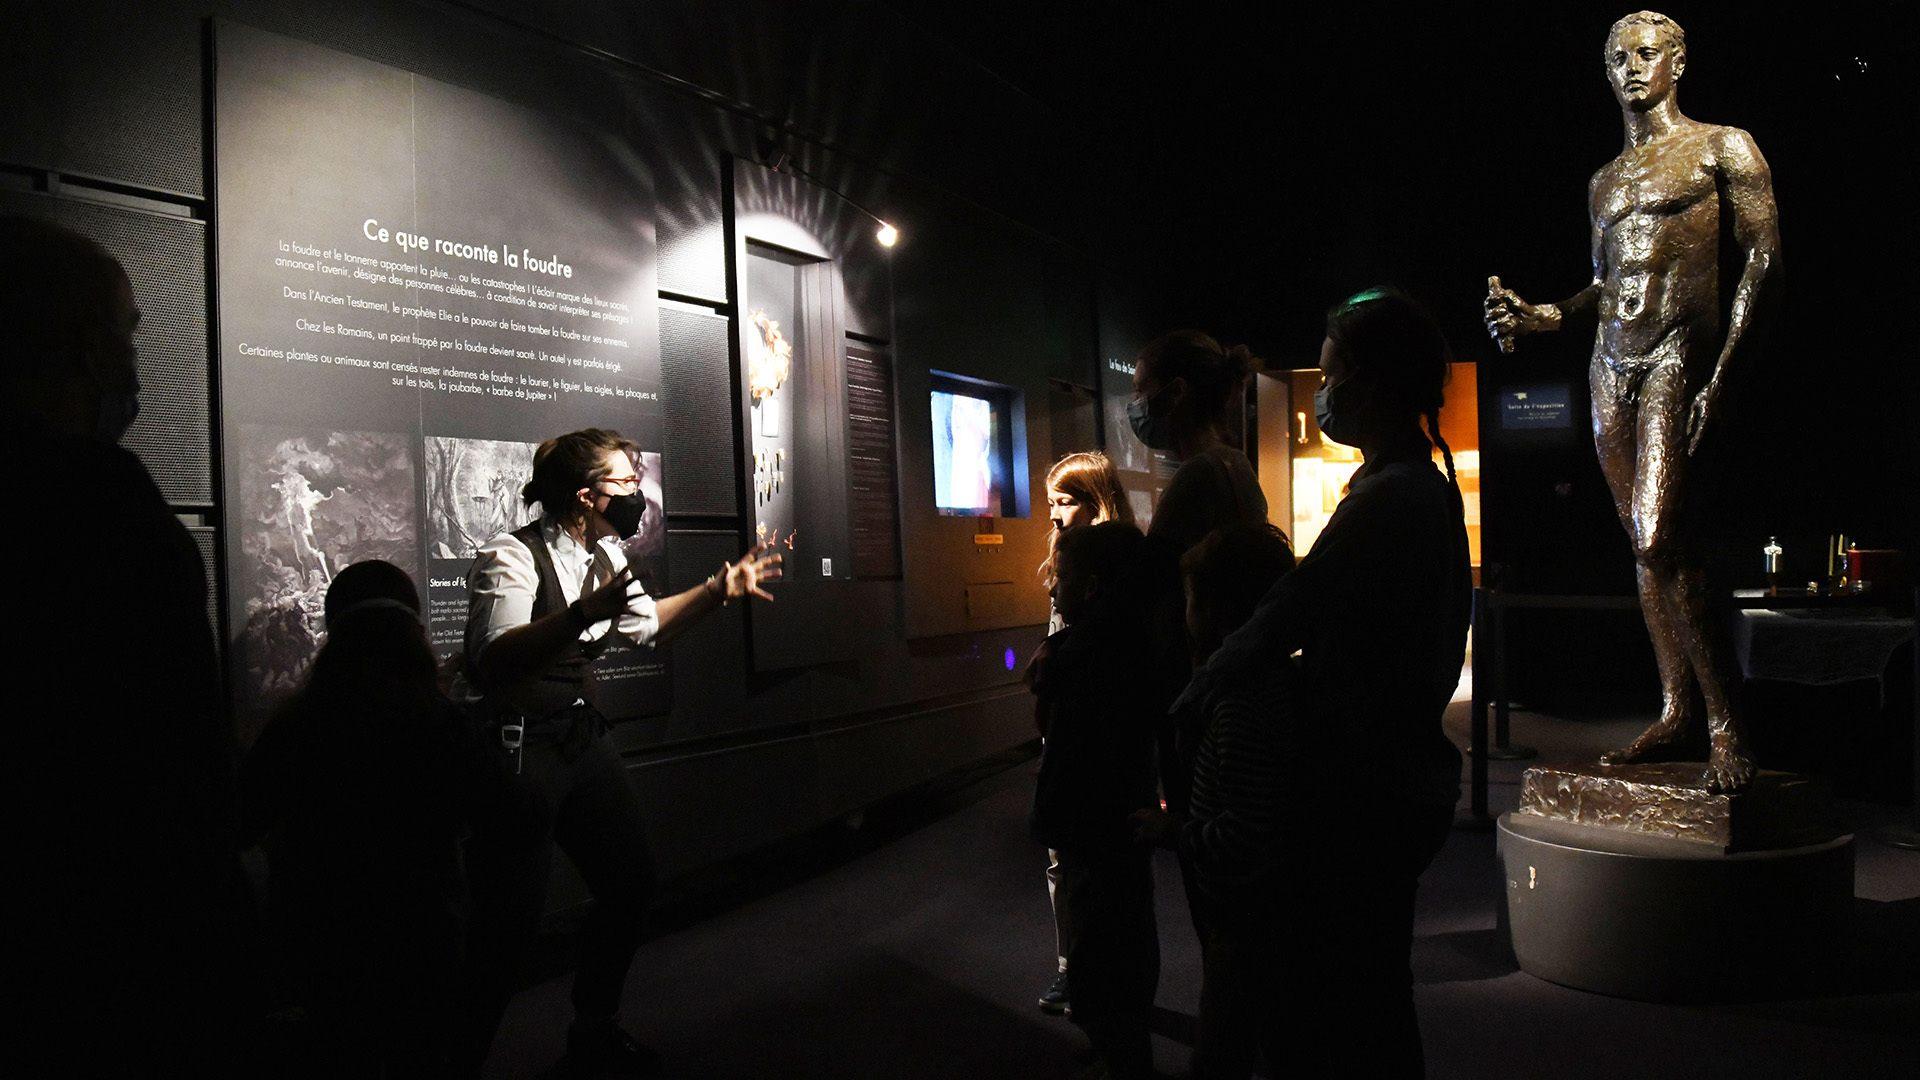 Venez vous faire peur au musée Electropolis : ce que raconte la foudre